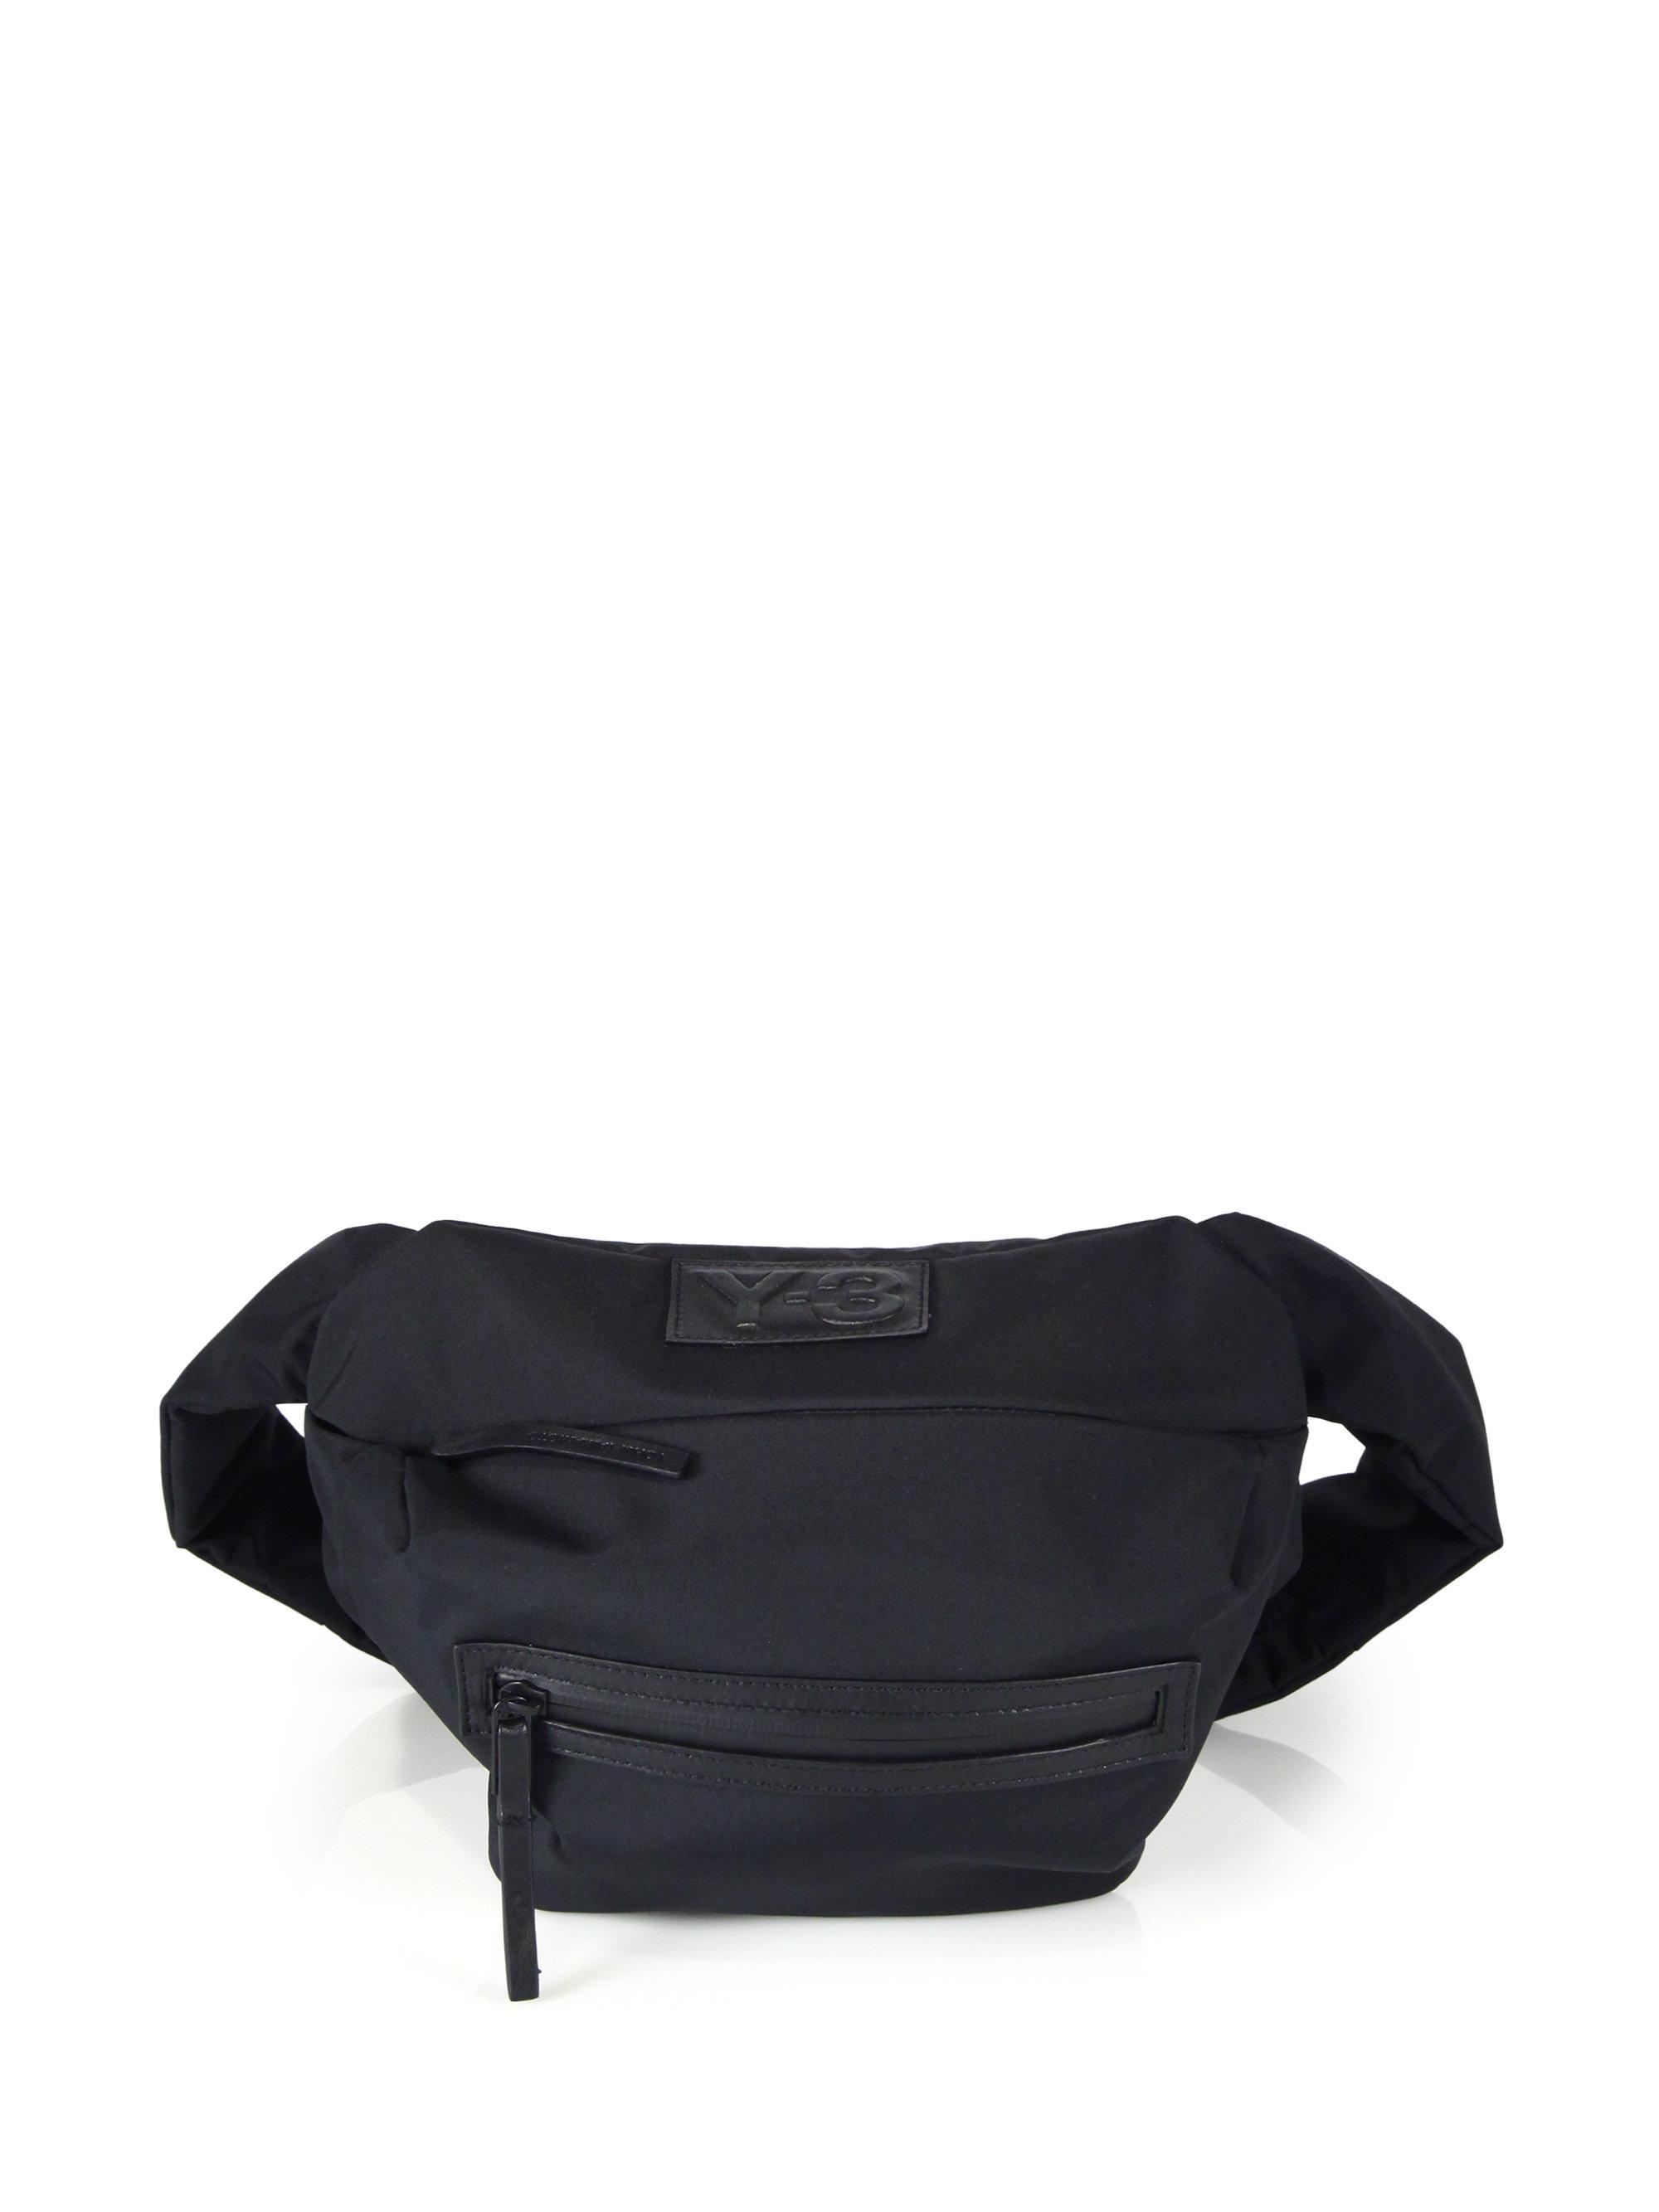 Lyst - Y-3 Qasa Bum Bag in Black for Men 27ce8c6013718